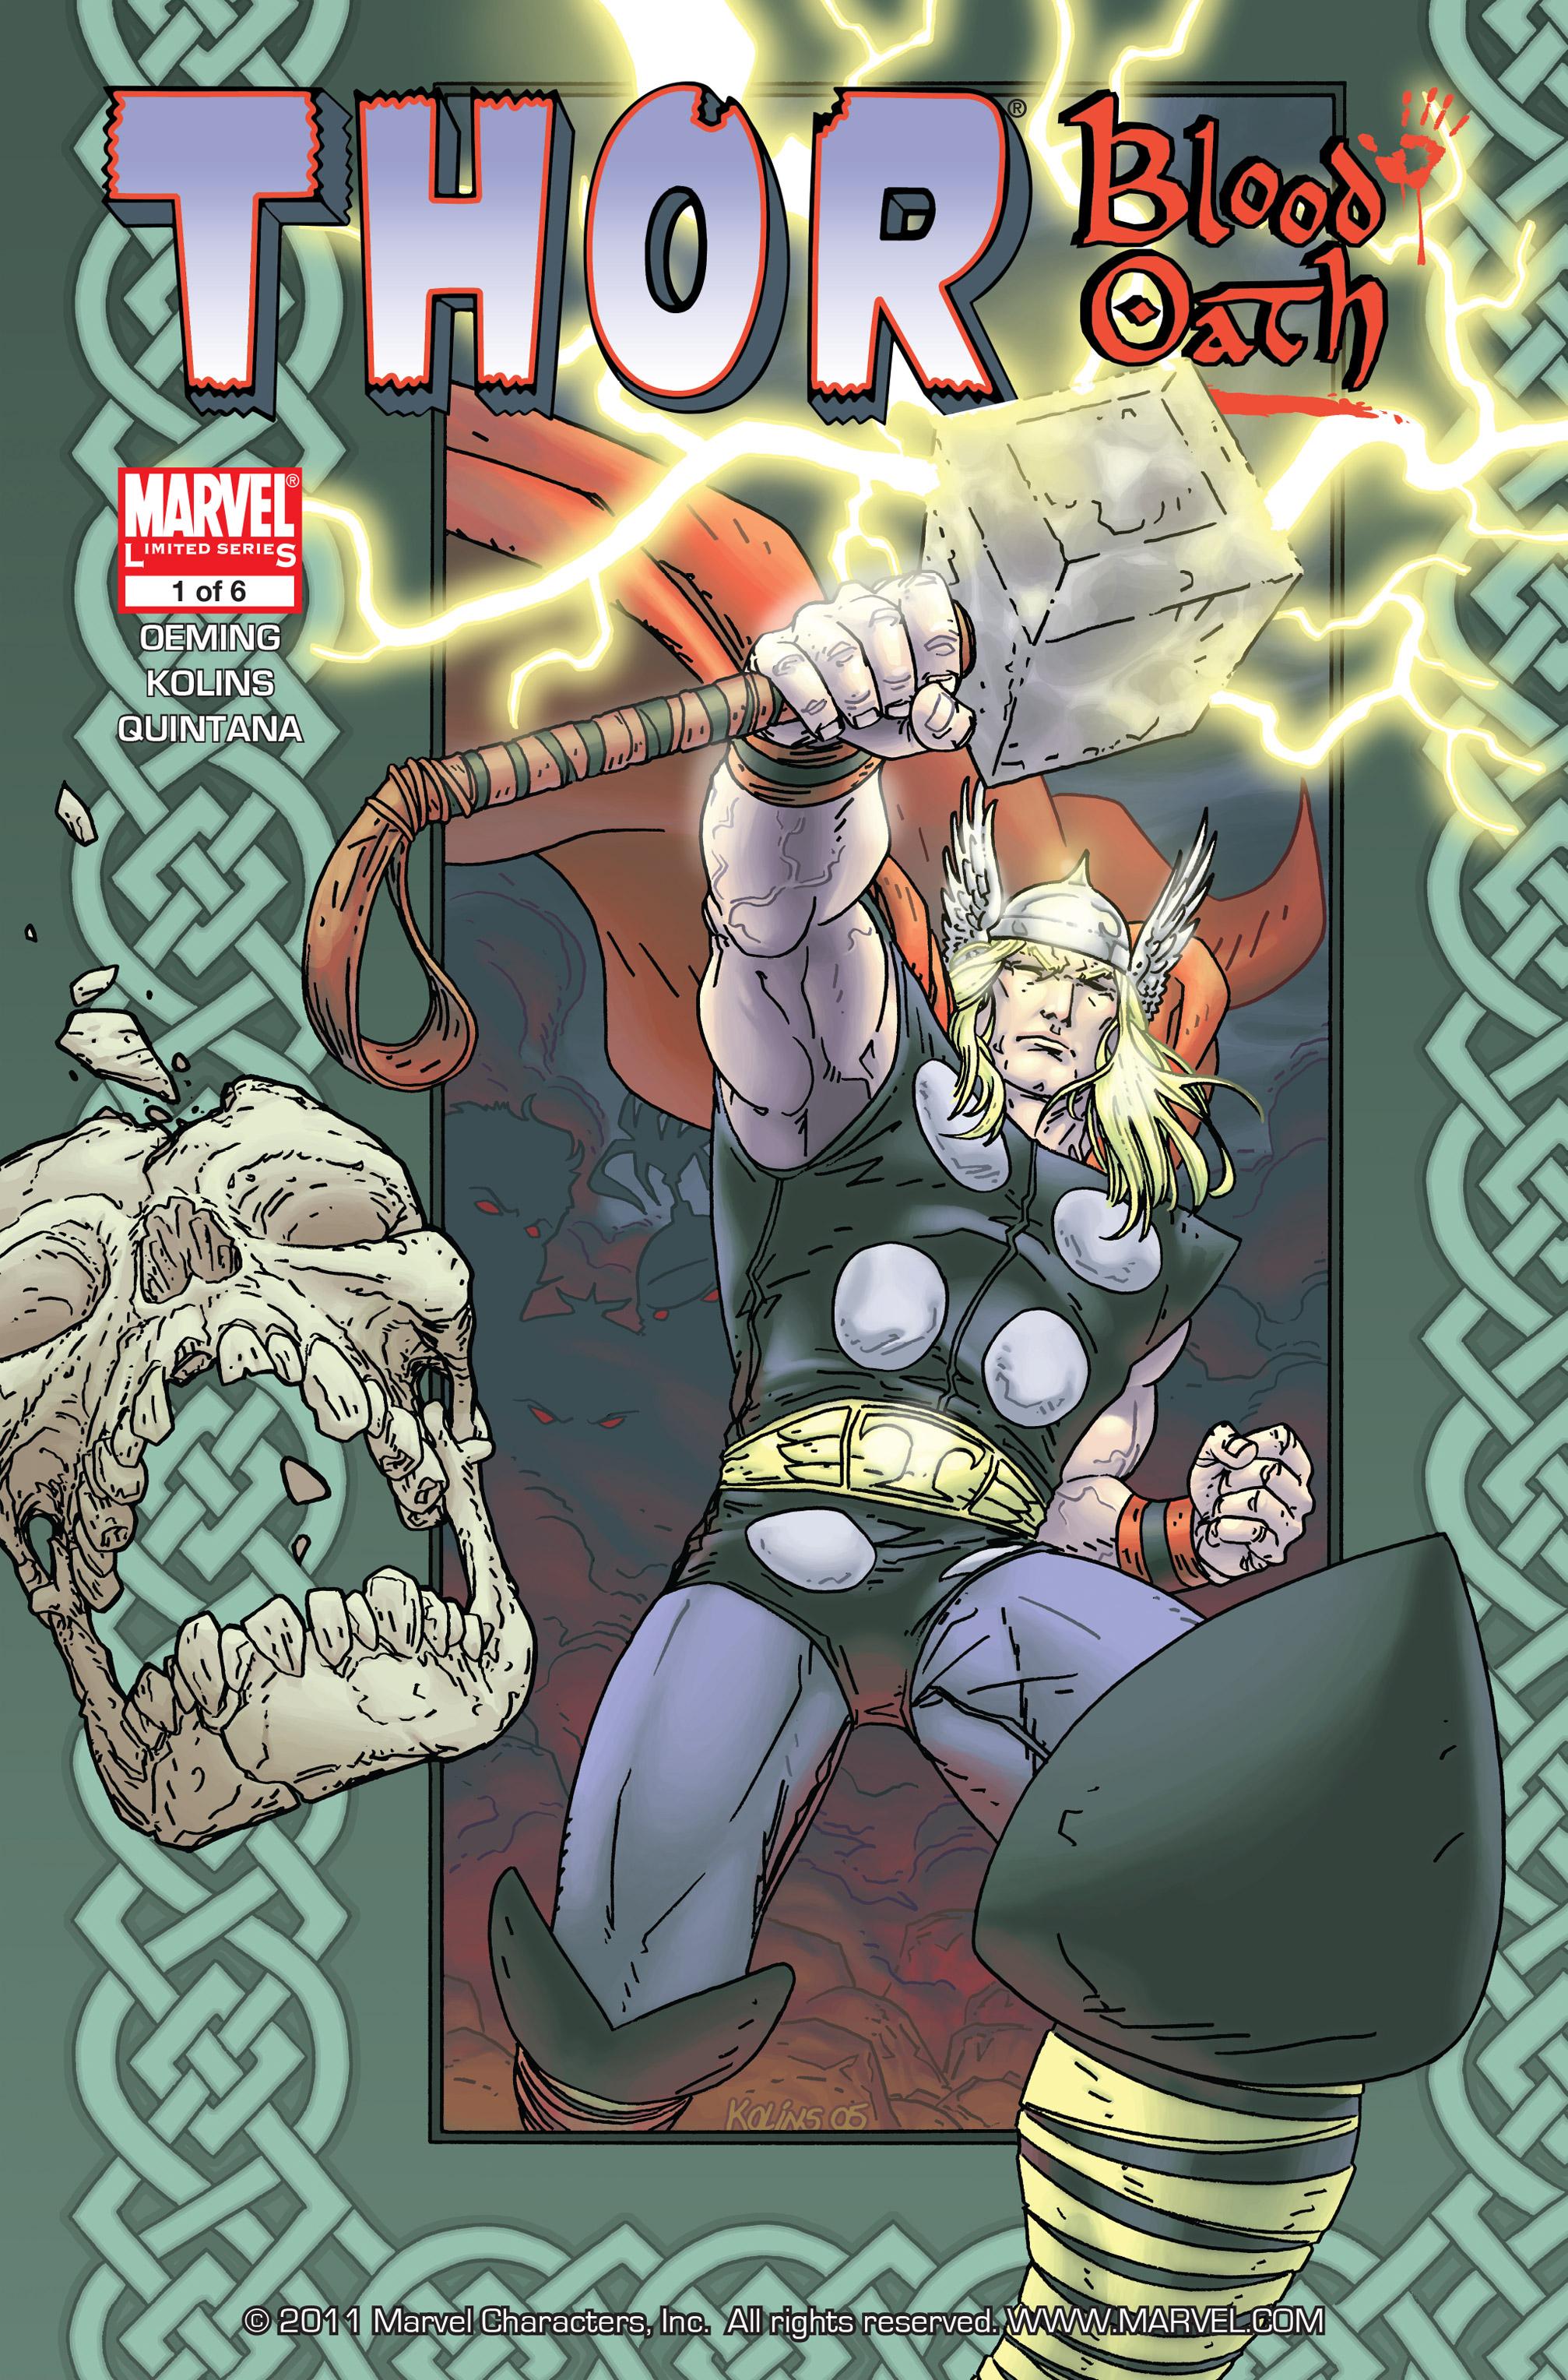 Thor: Blood Oath Vol 1 1